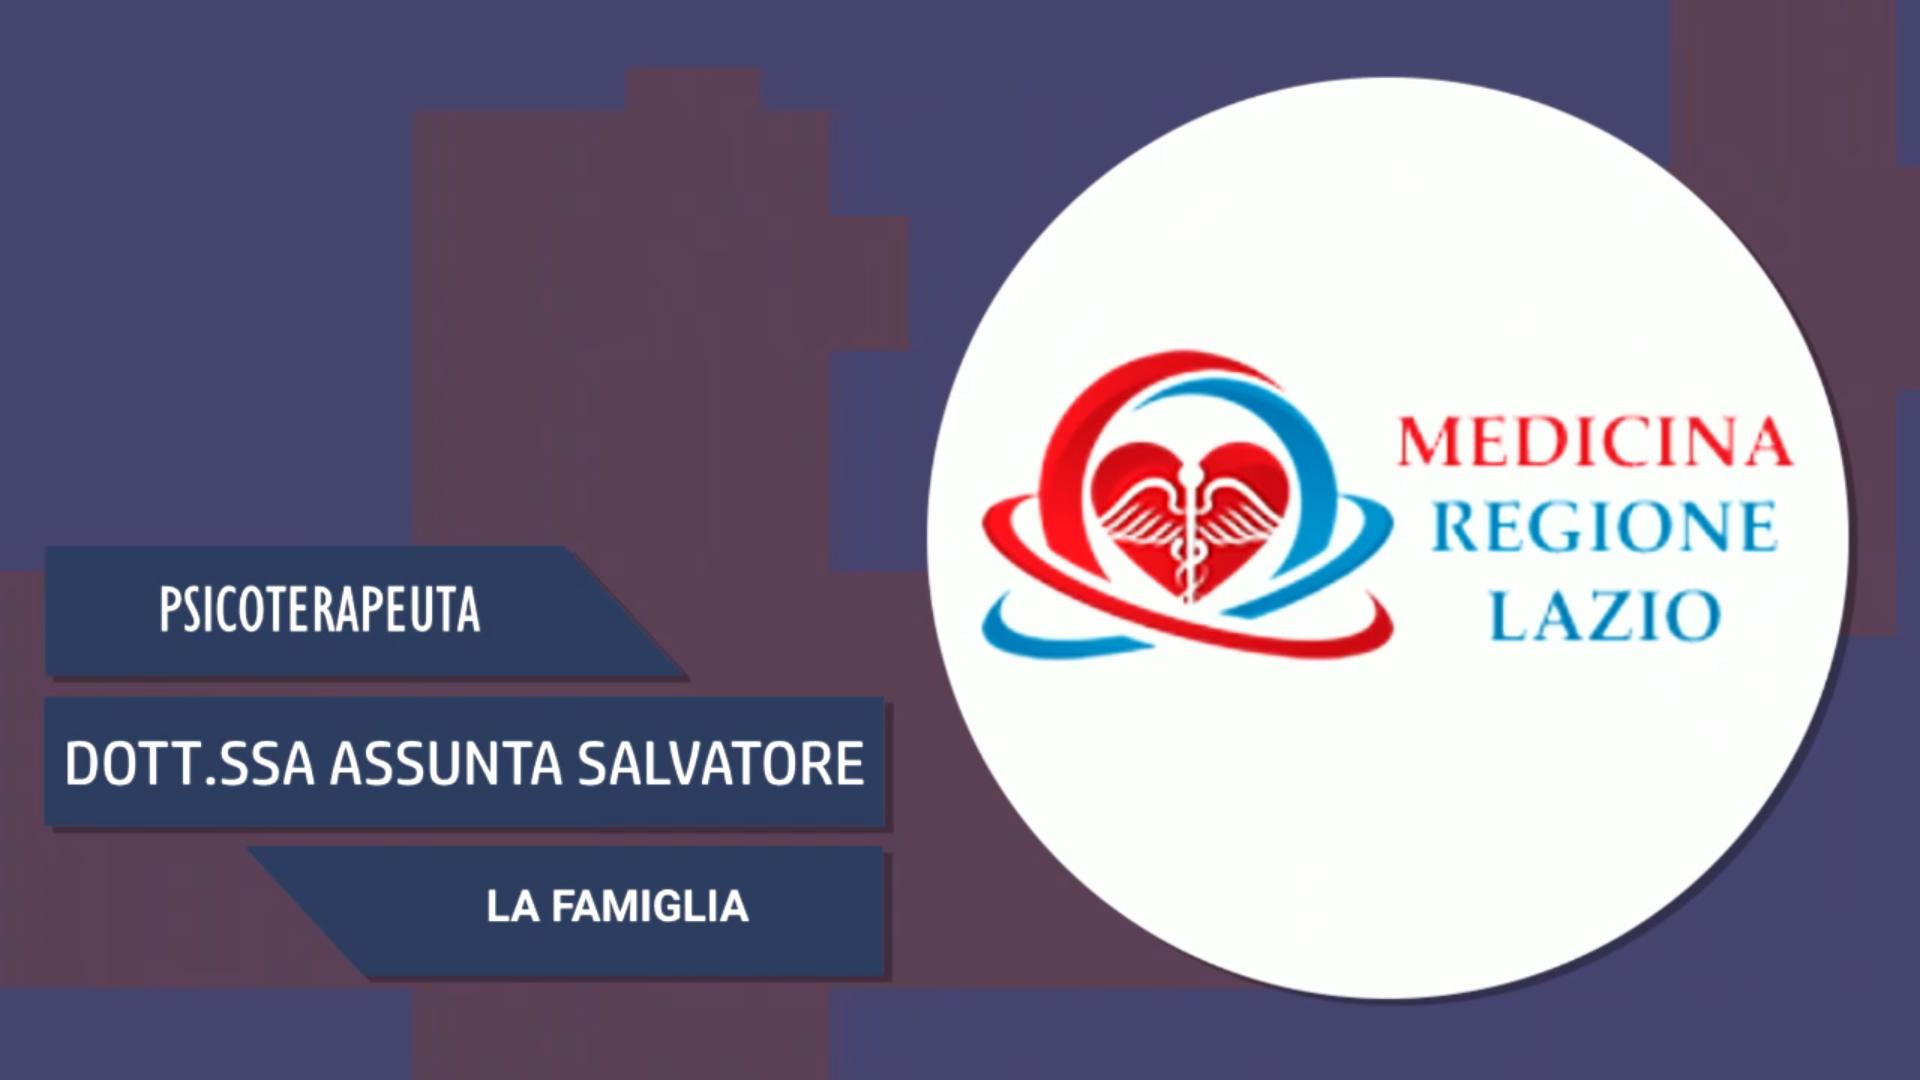 Intervista alla Dott.ssa Assunta Salvatore – La famiglia